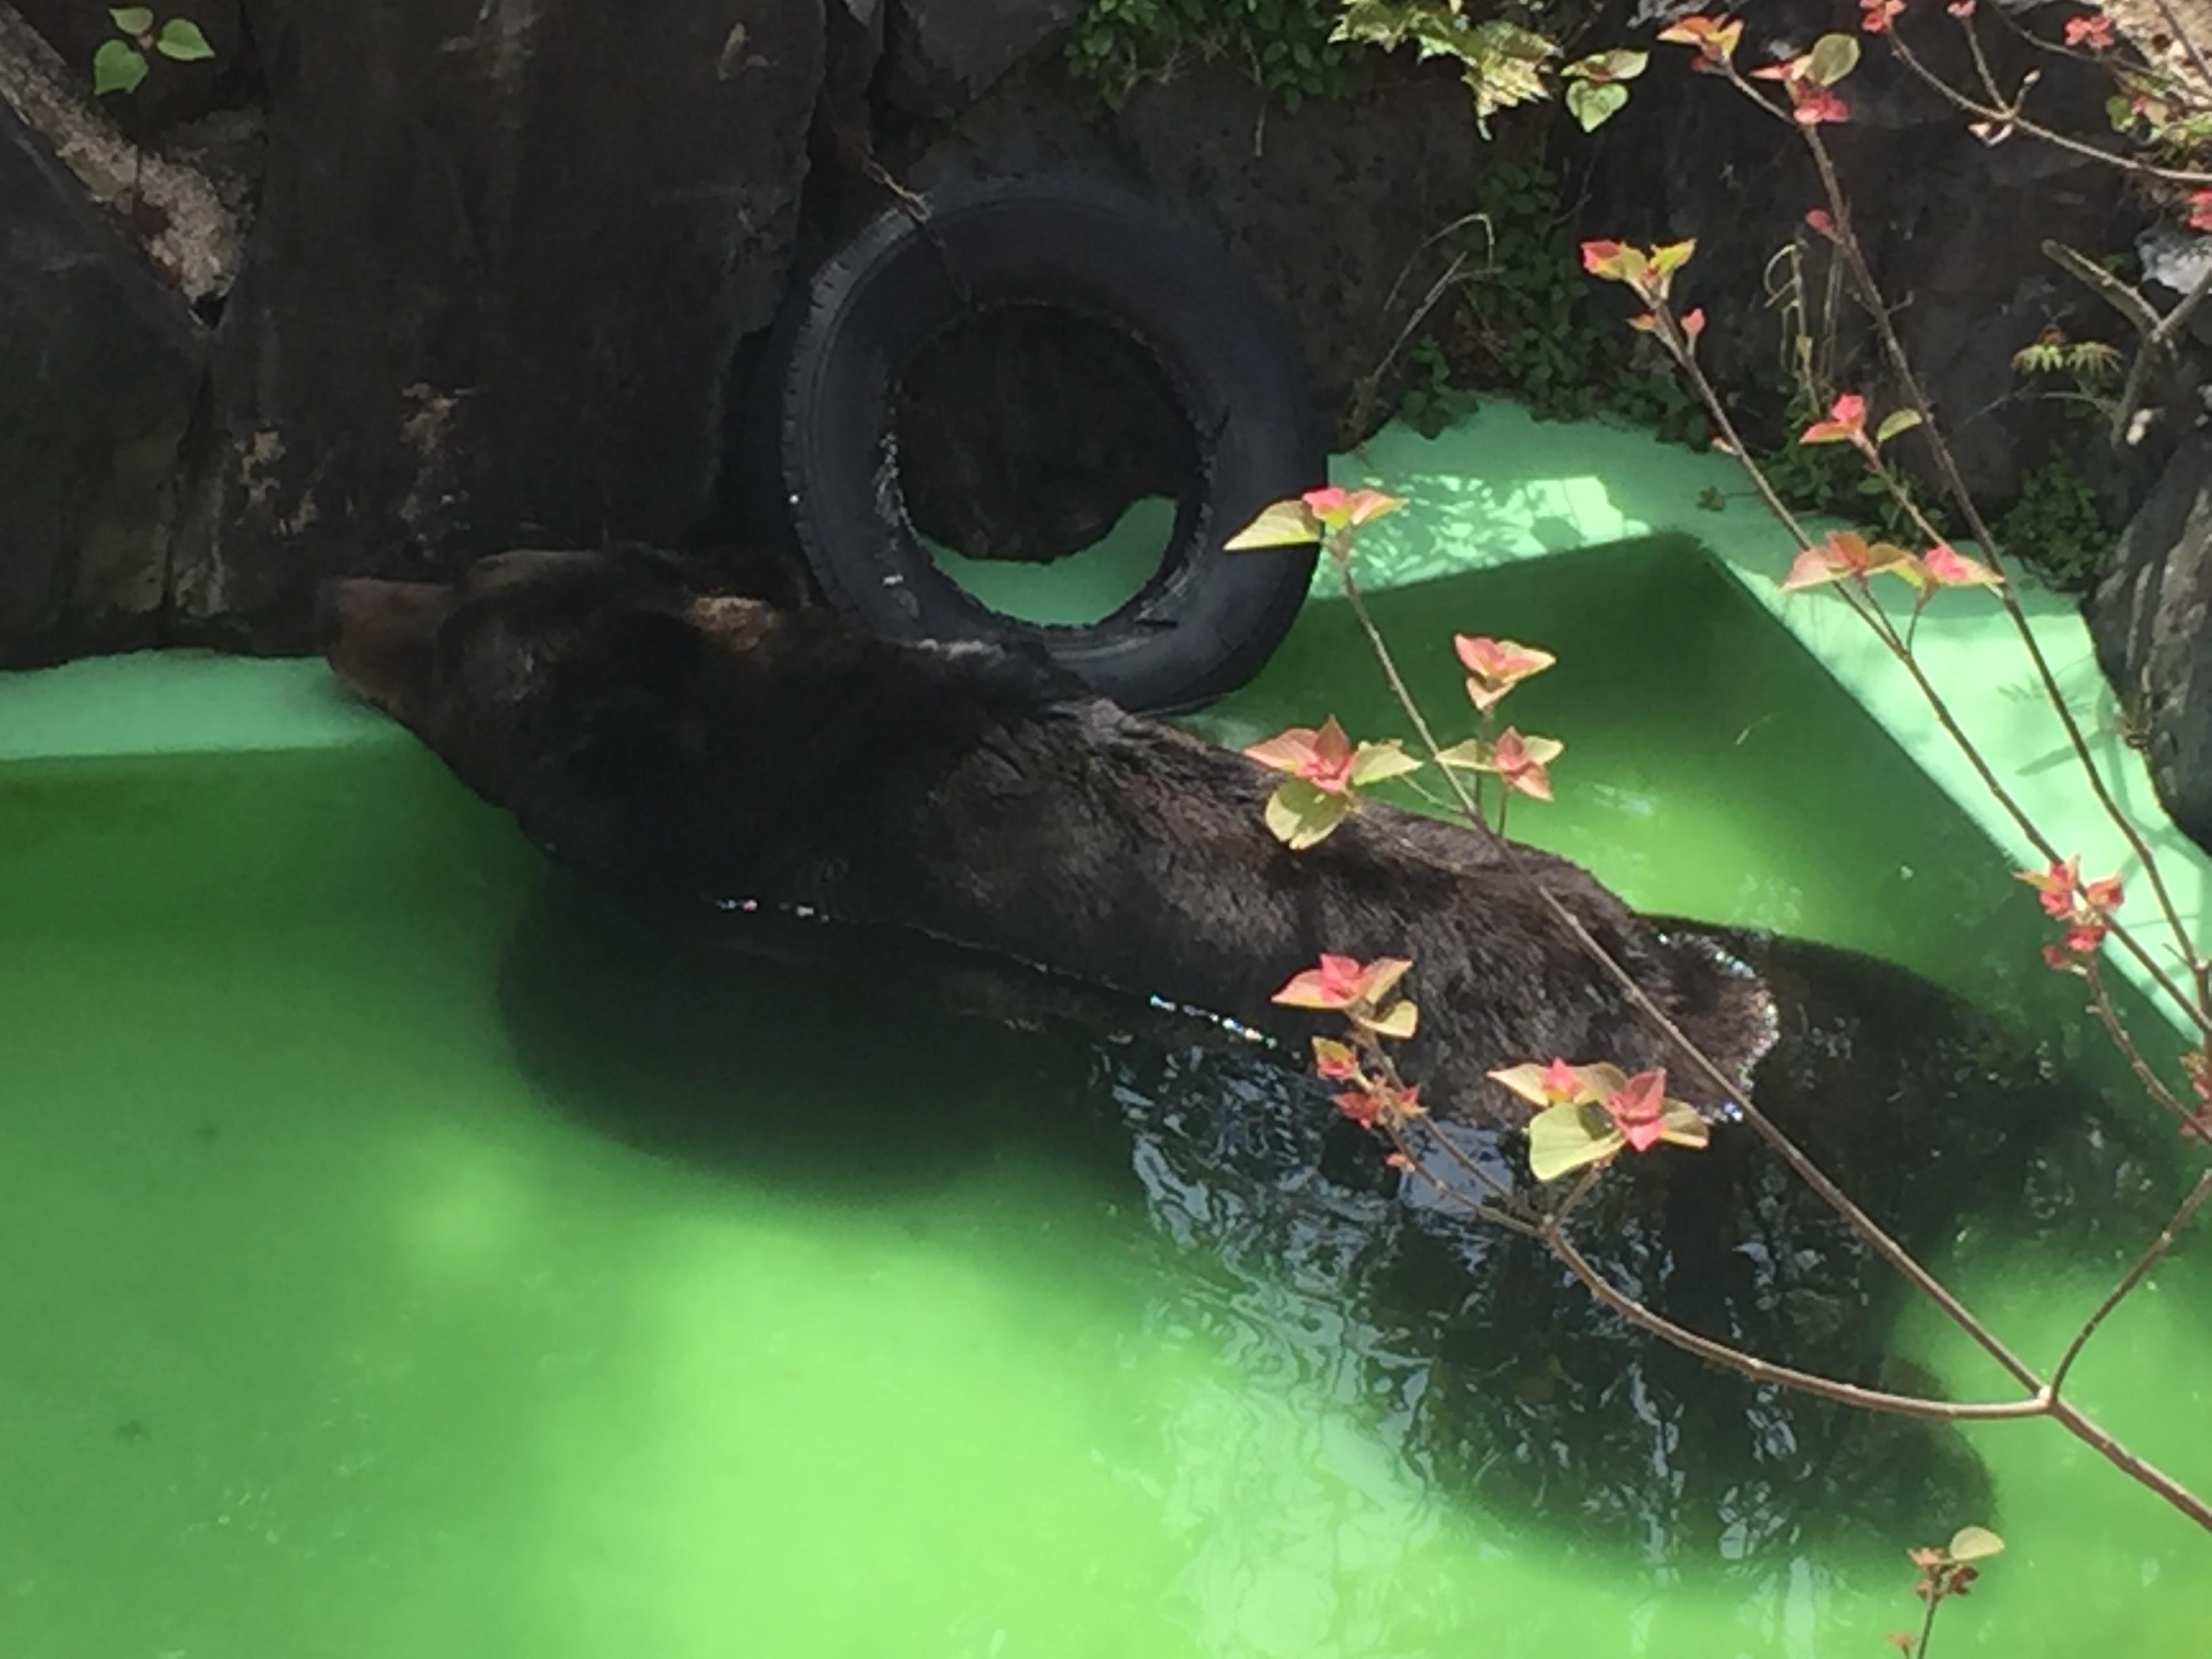 higashiyama-zoo-bear